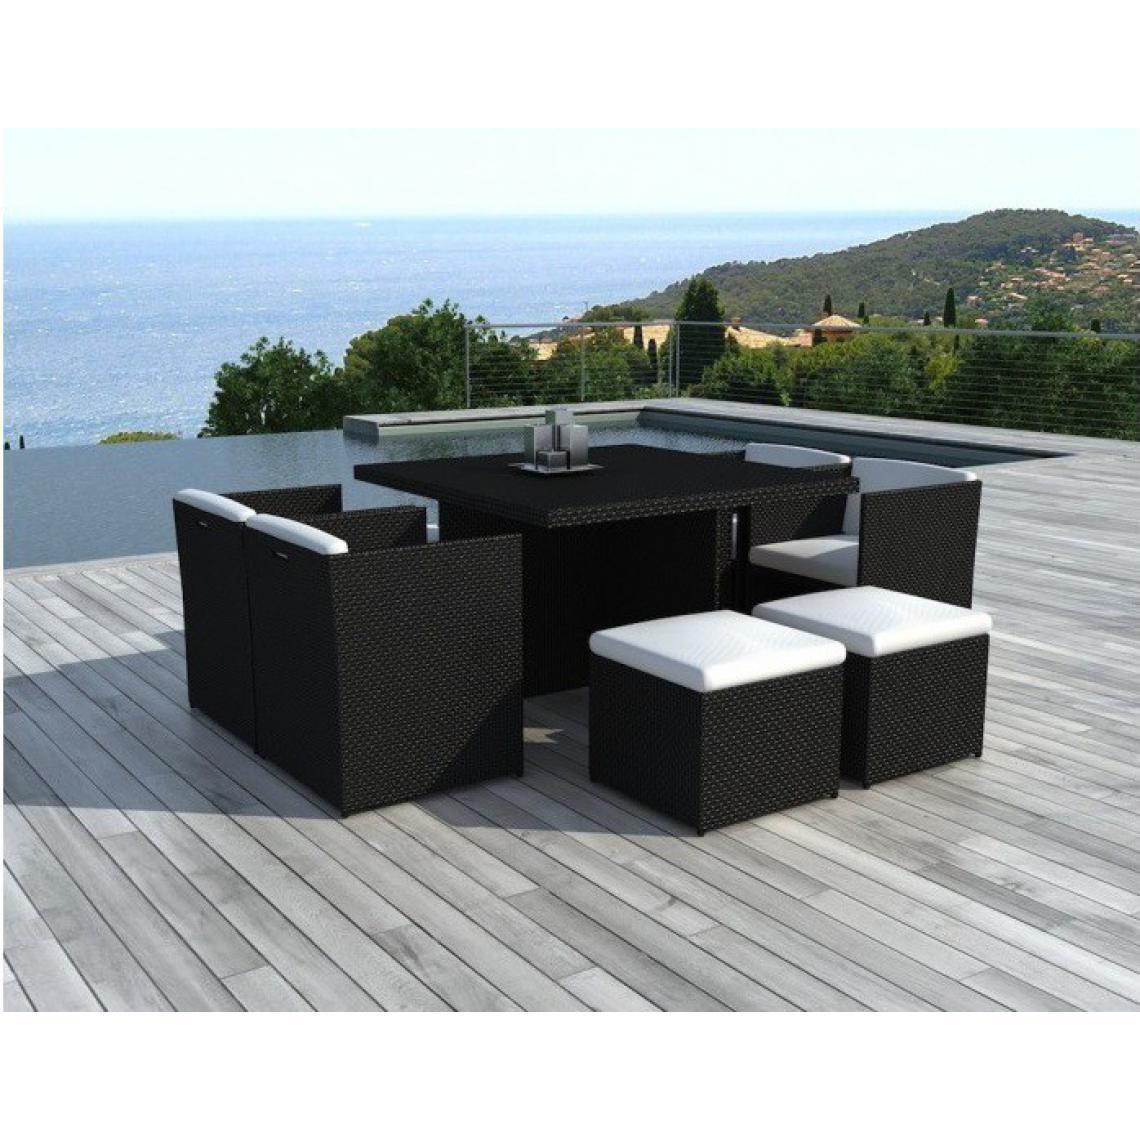 Salon de jardin en résine noir et blanc 8 places NICE 115x115x74